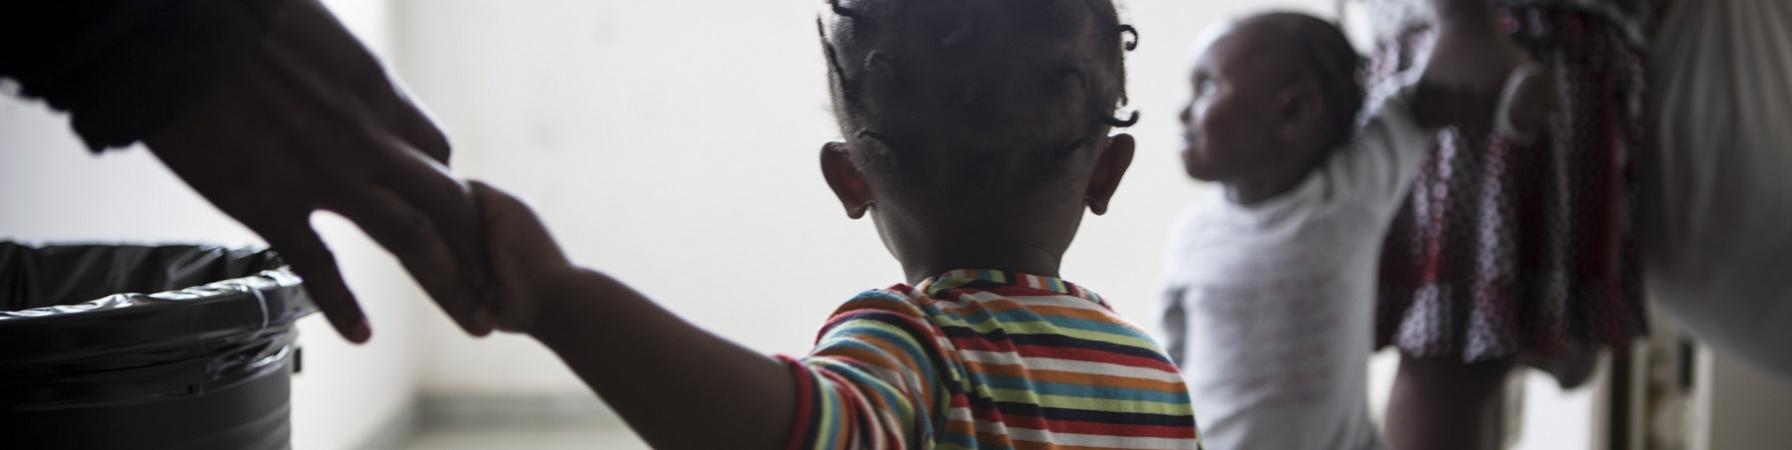 minore-migrante-di-spalle-per-mano-a-adulto